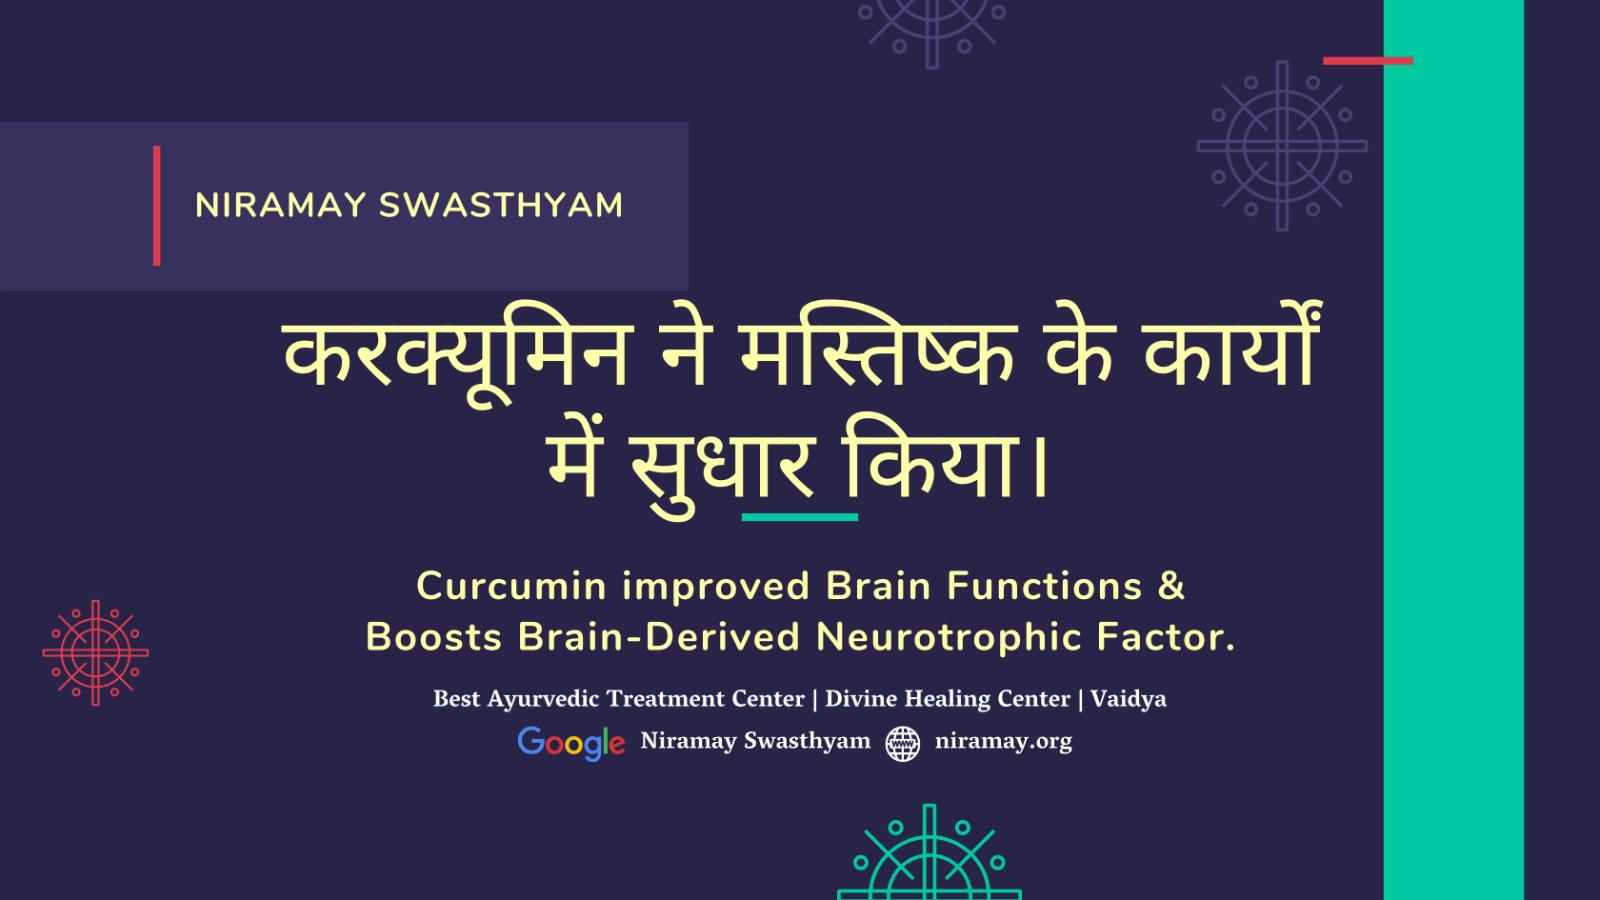 4. करक्यूमिन मस्तिष्क से उत्पन्न न्यूरोट्रॉफिक कारक को बढ़ाता है, बेहतर मस्तिष्क समारोह से जुड़ा हुआ है और मस्तिष्क रोगों का कम जोखिम है।